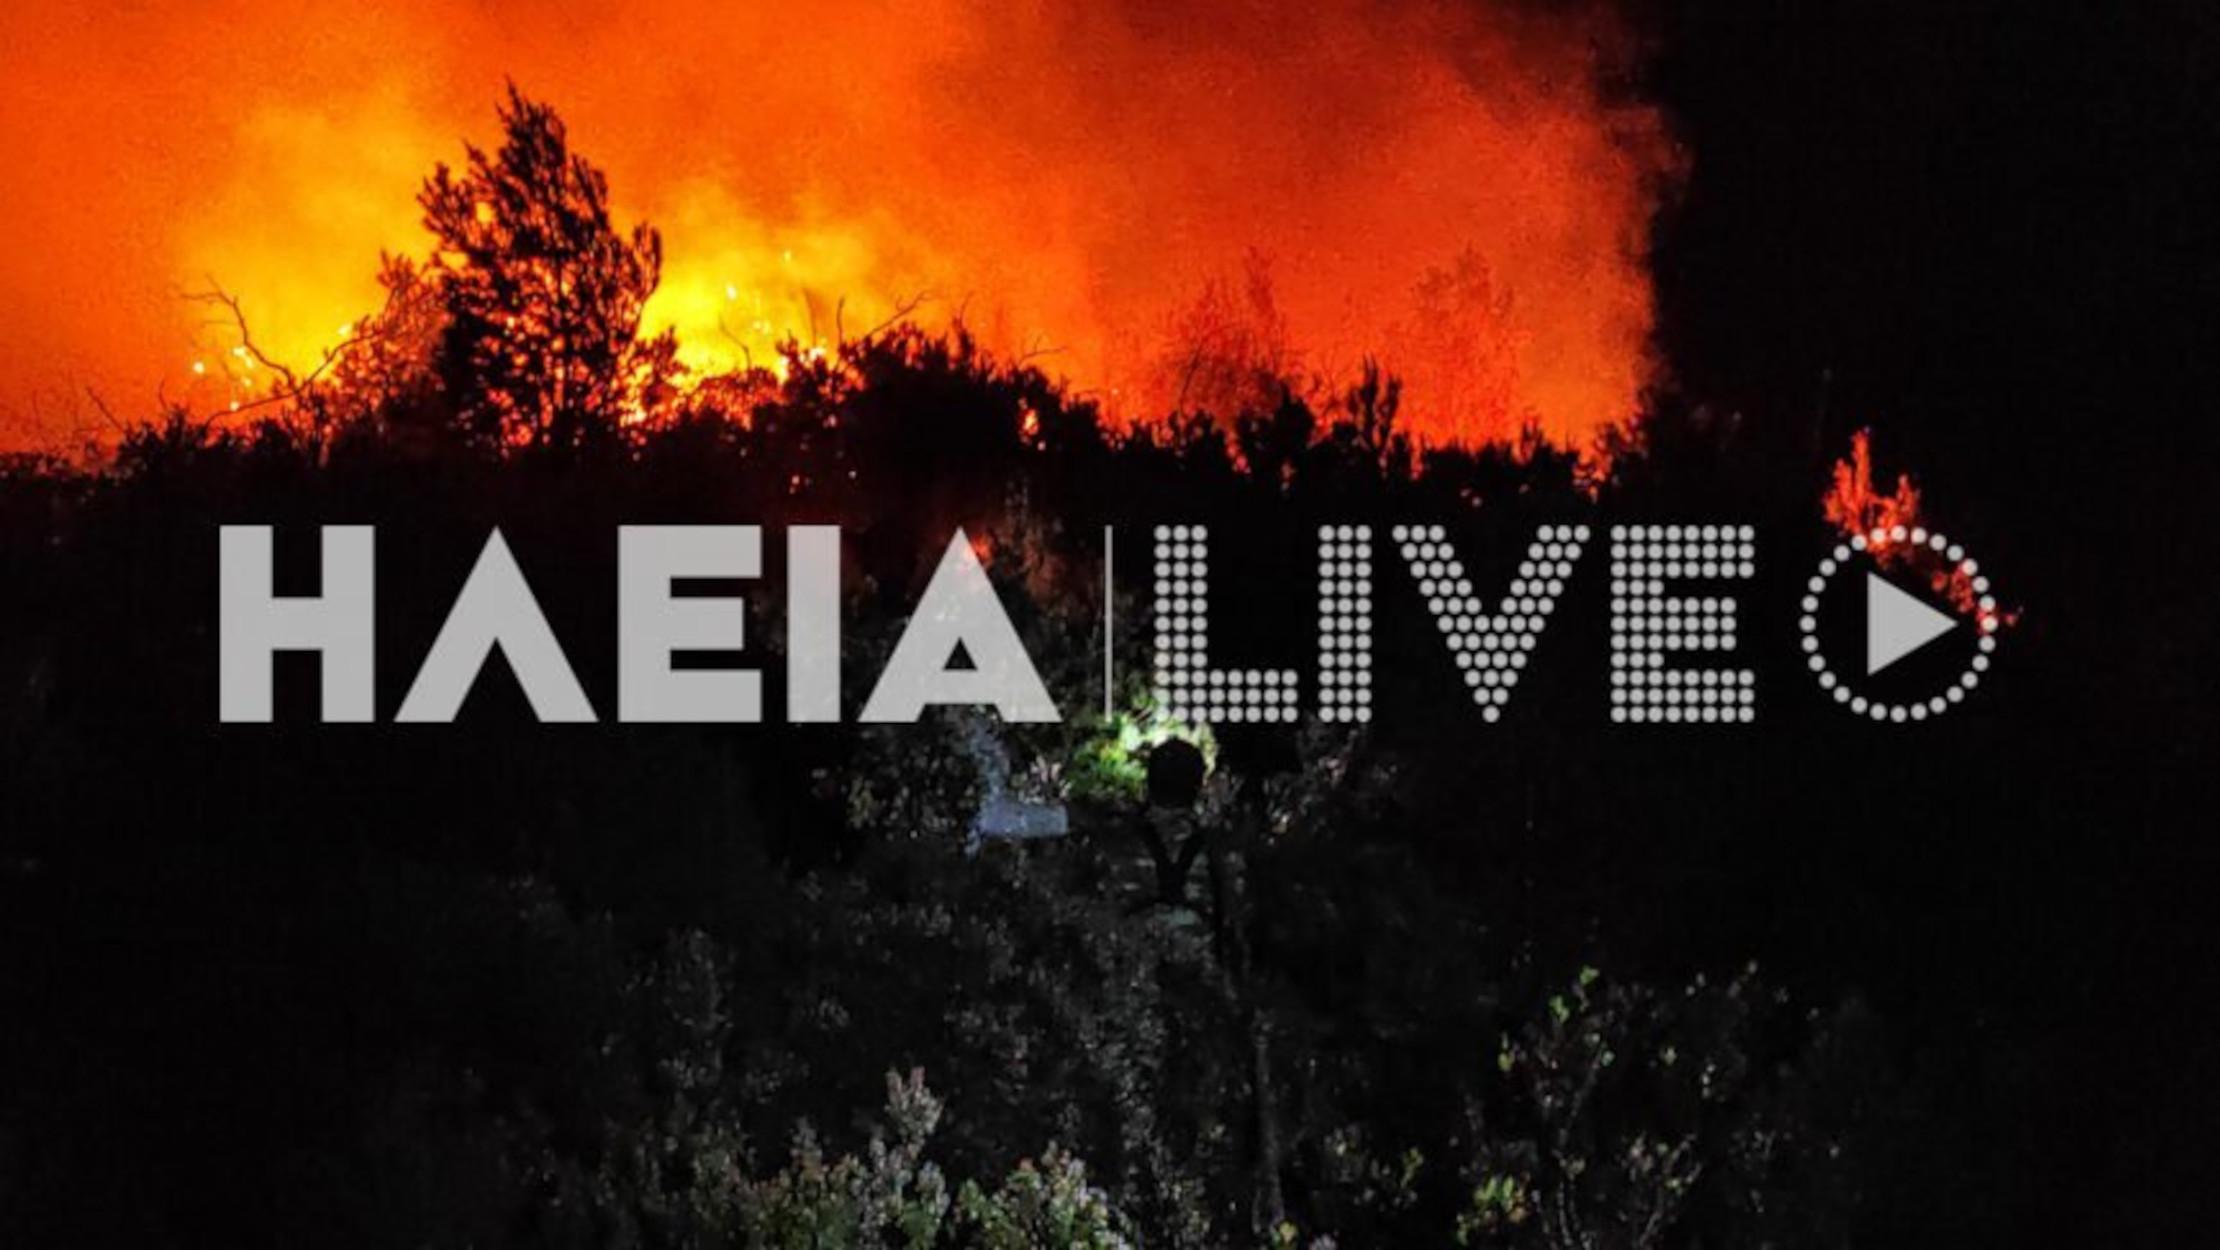 Ηλεία: Ολονύχτια μάχη με τη φωτιά στην Σμέρνα – Πυροσβεστικά οχήματα κα από την Πάτρα (pics, video)